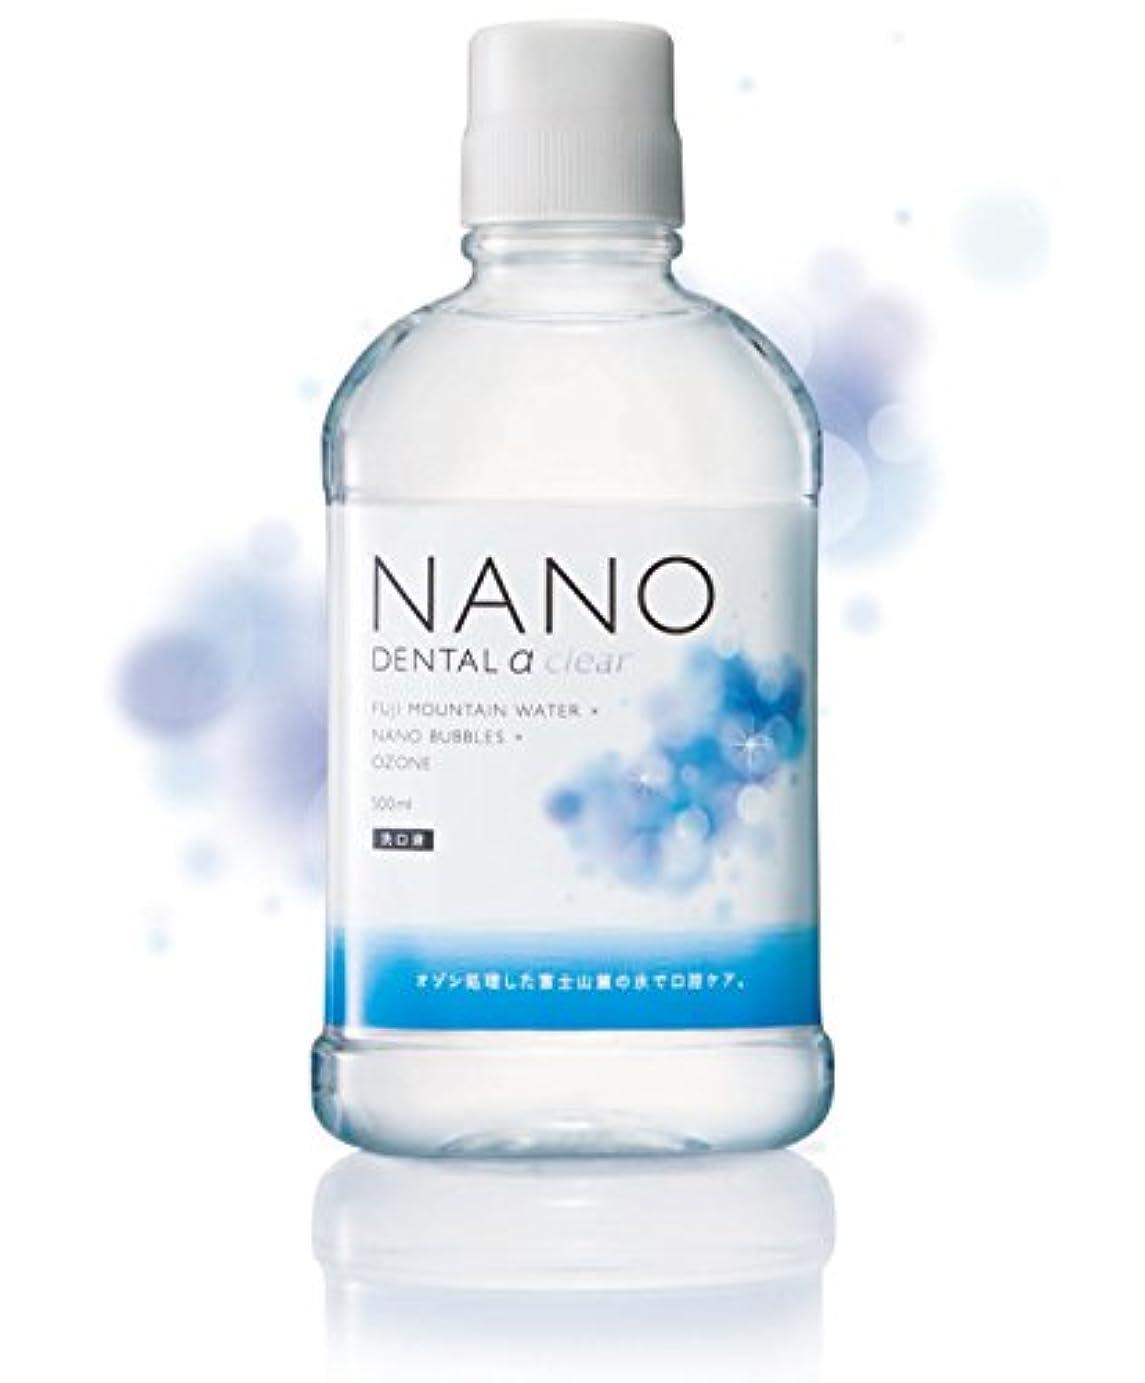 距離無関心バーチャル無添加! ナノデンタルアルファ クリア NANODENTALα Clear 500mL オゾンナノバブルで歯周病?口臭予防